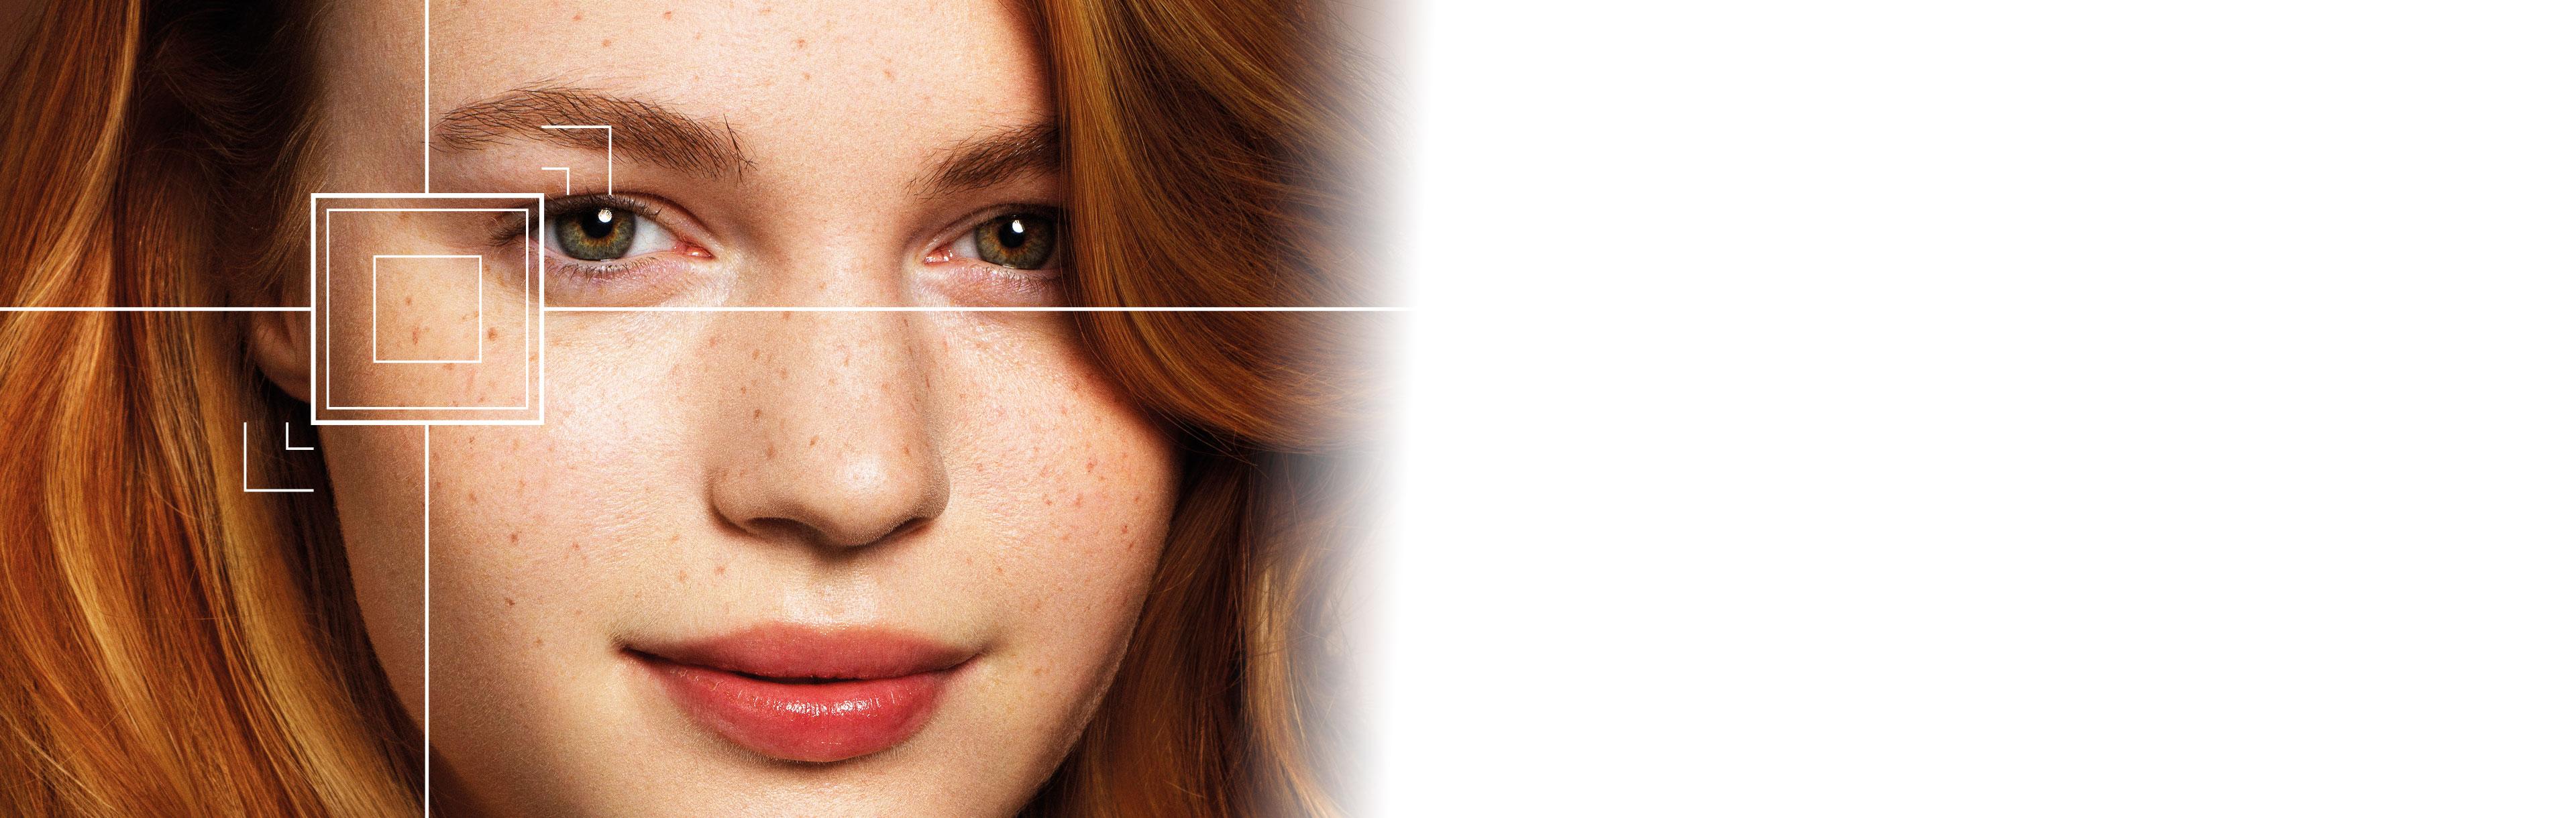 Maak kennis met IMAGE Skincare